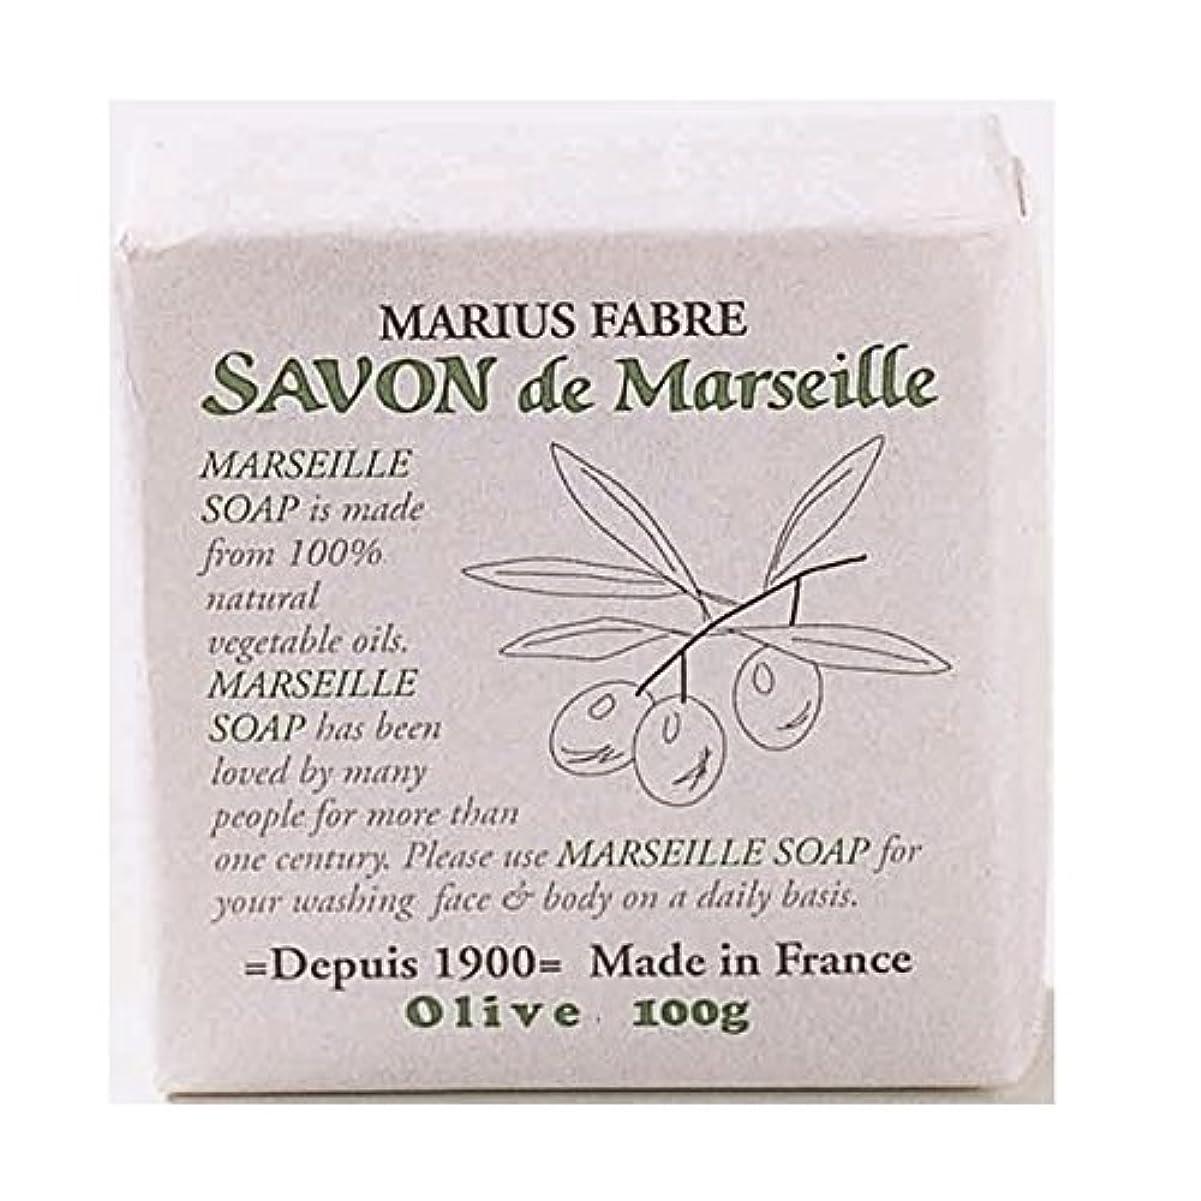 ルート和全滅させるサボンドマルセイユ 無香料 オリーブ石鹸 100g 6個セット マリウスファーブル